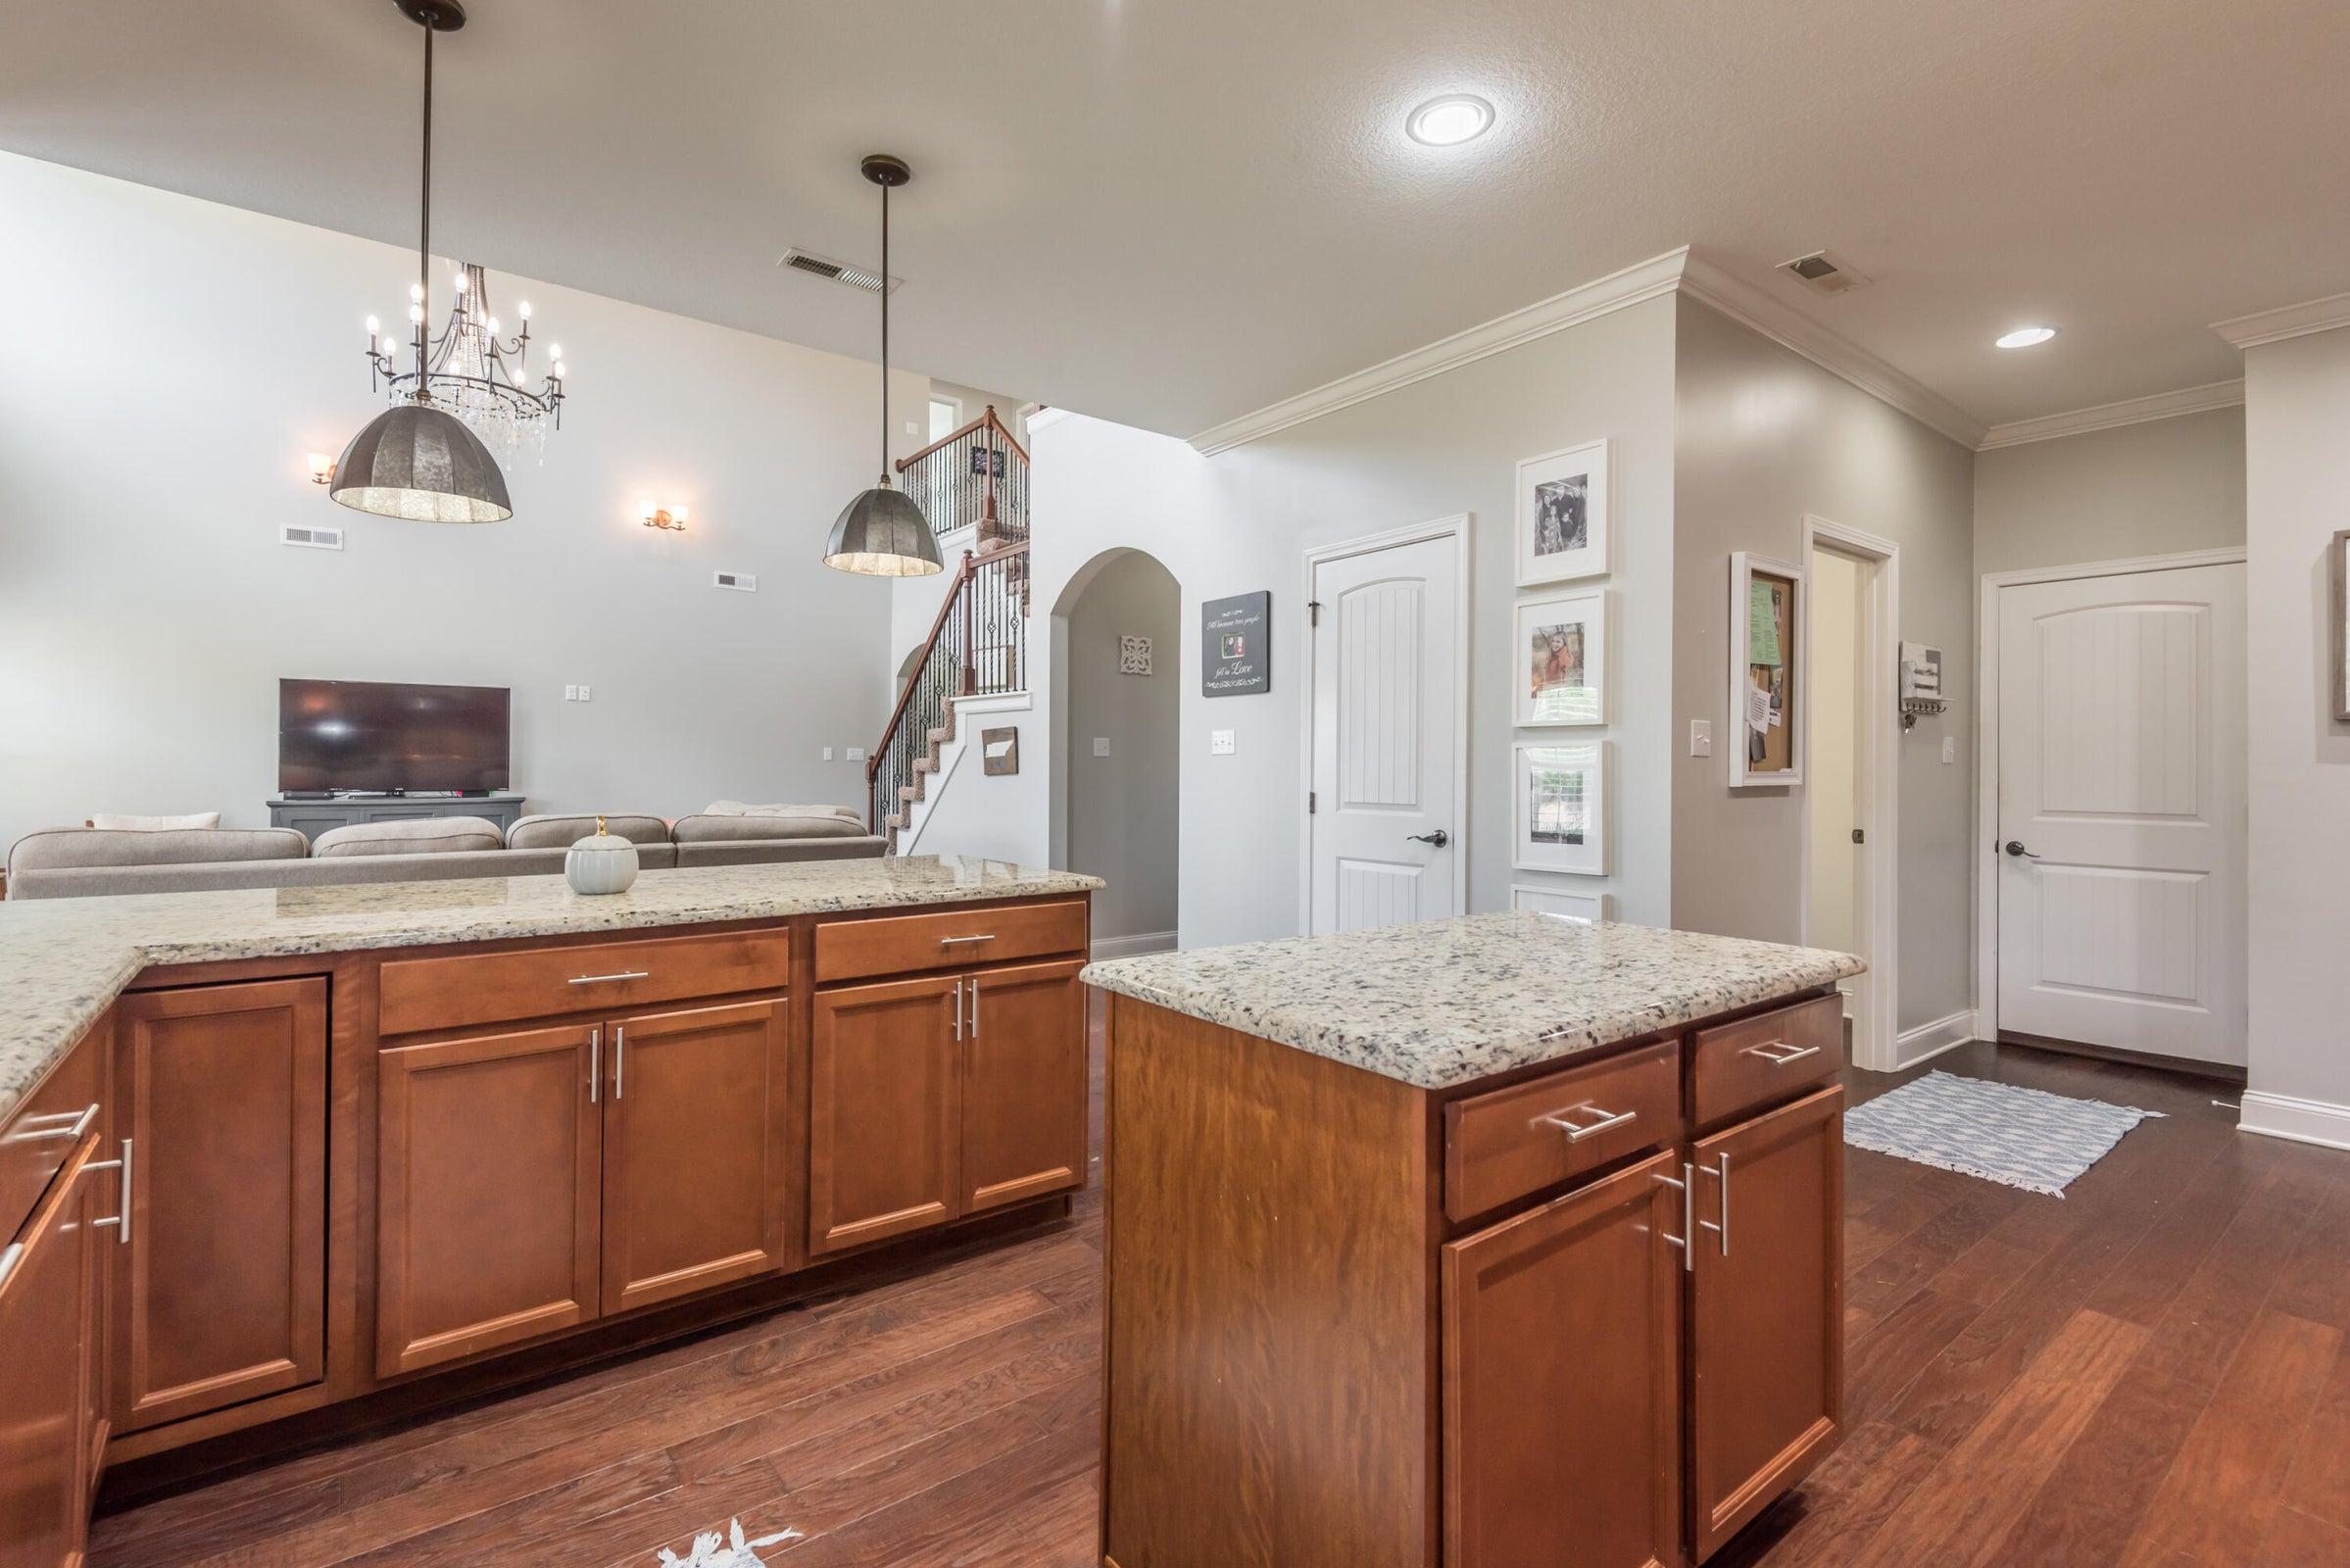 Kitchen Hallway to Powder Room & Garage